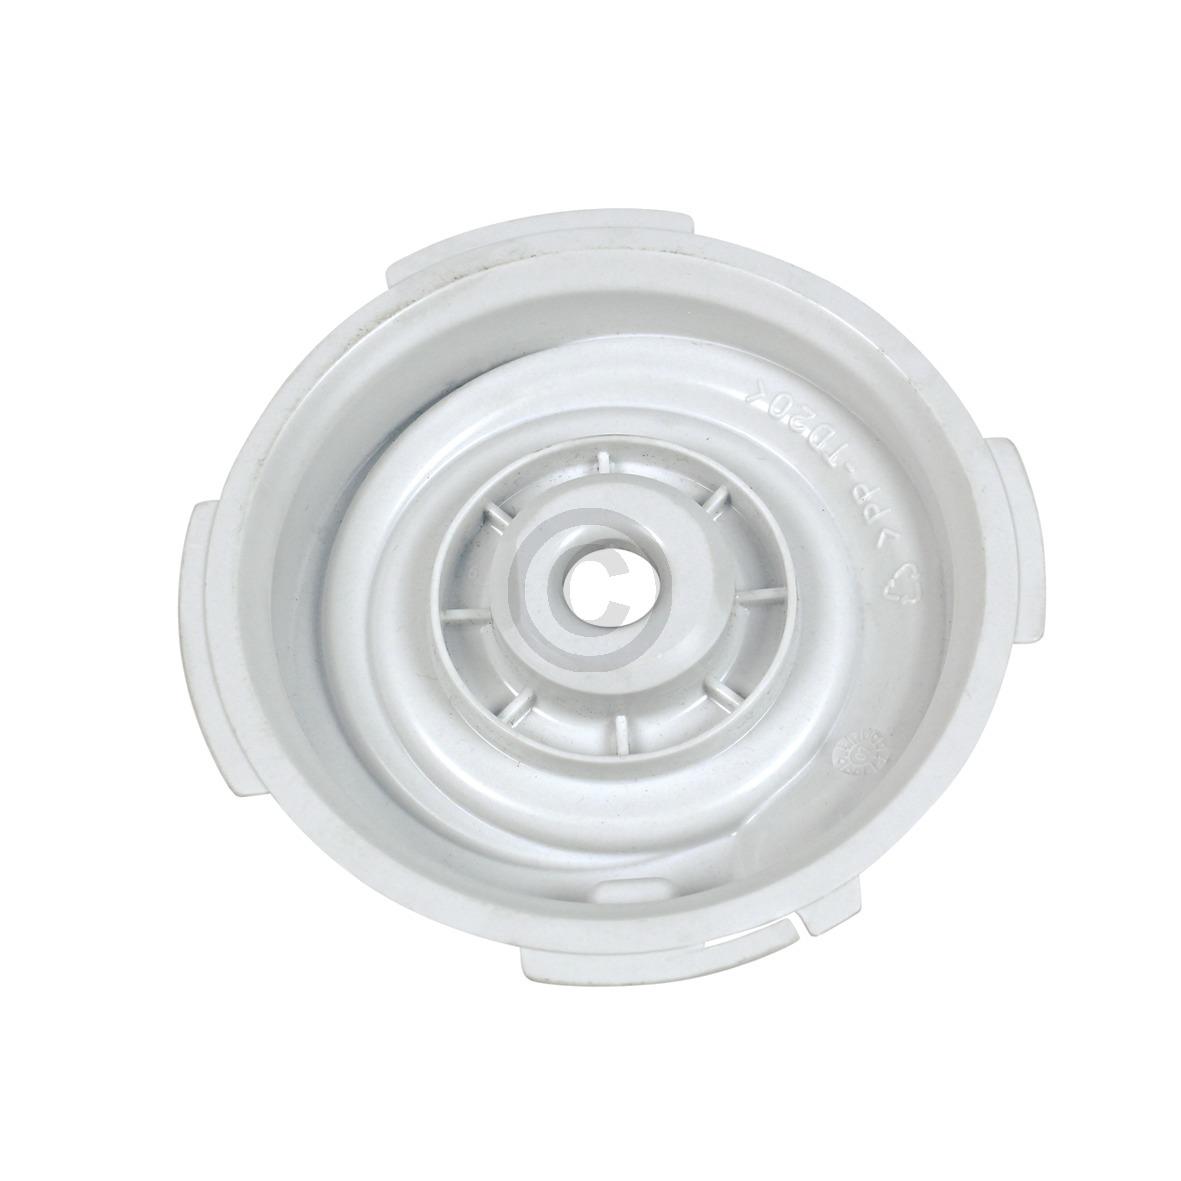 Pumpenkopfteil für Umwälzpumpe 00267739 267739 Bosch, Siemens, Neff